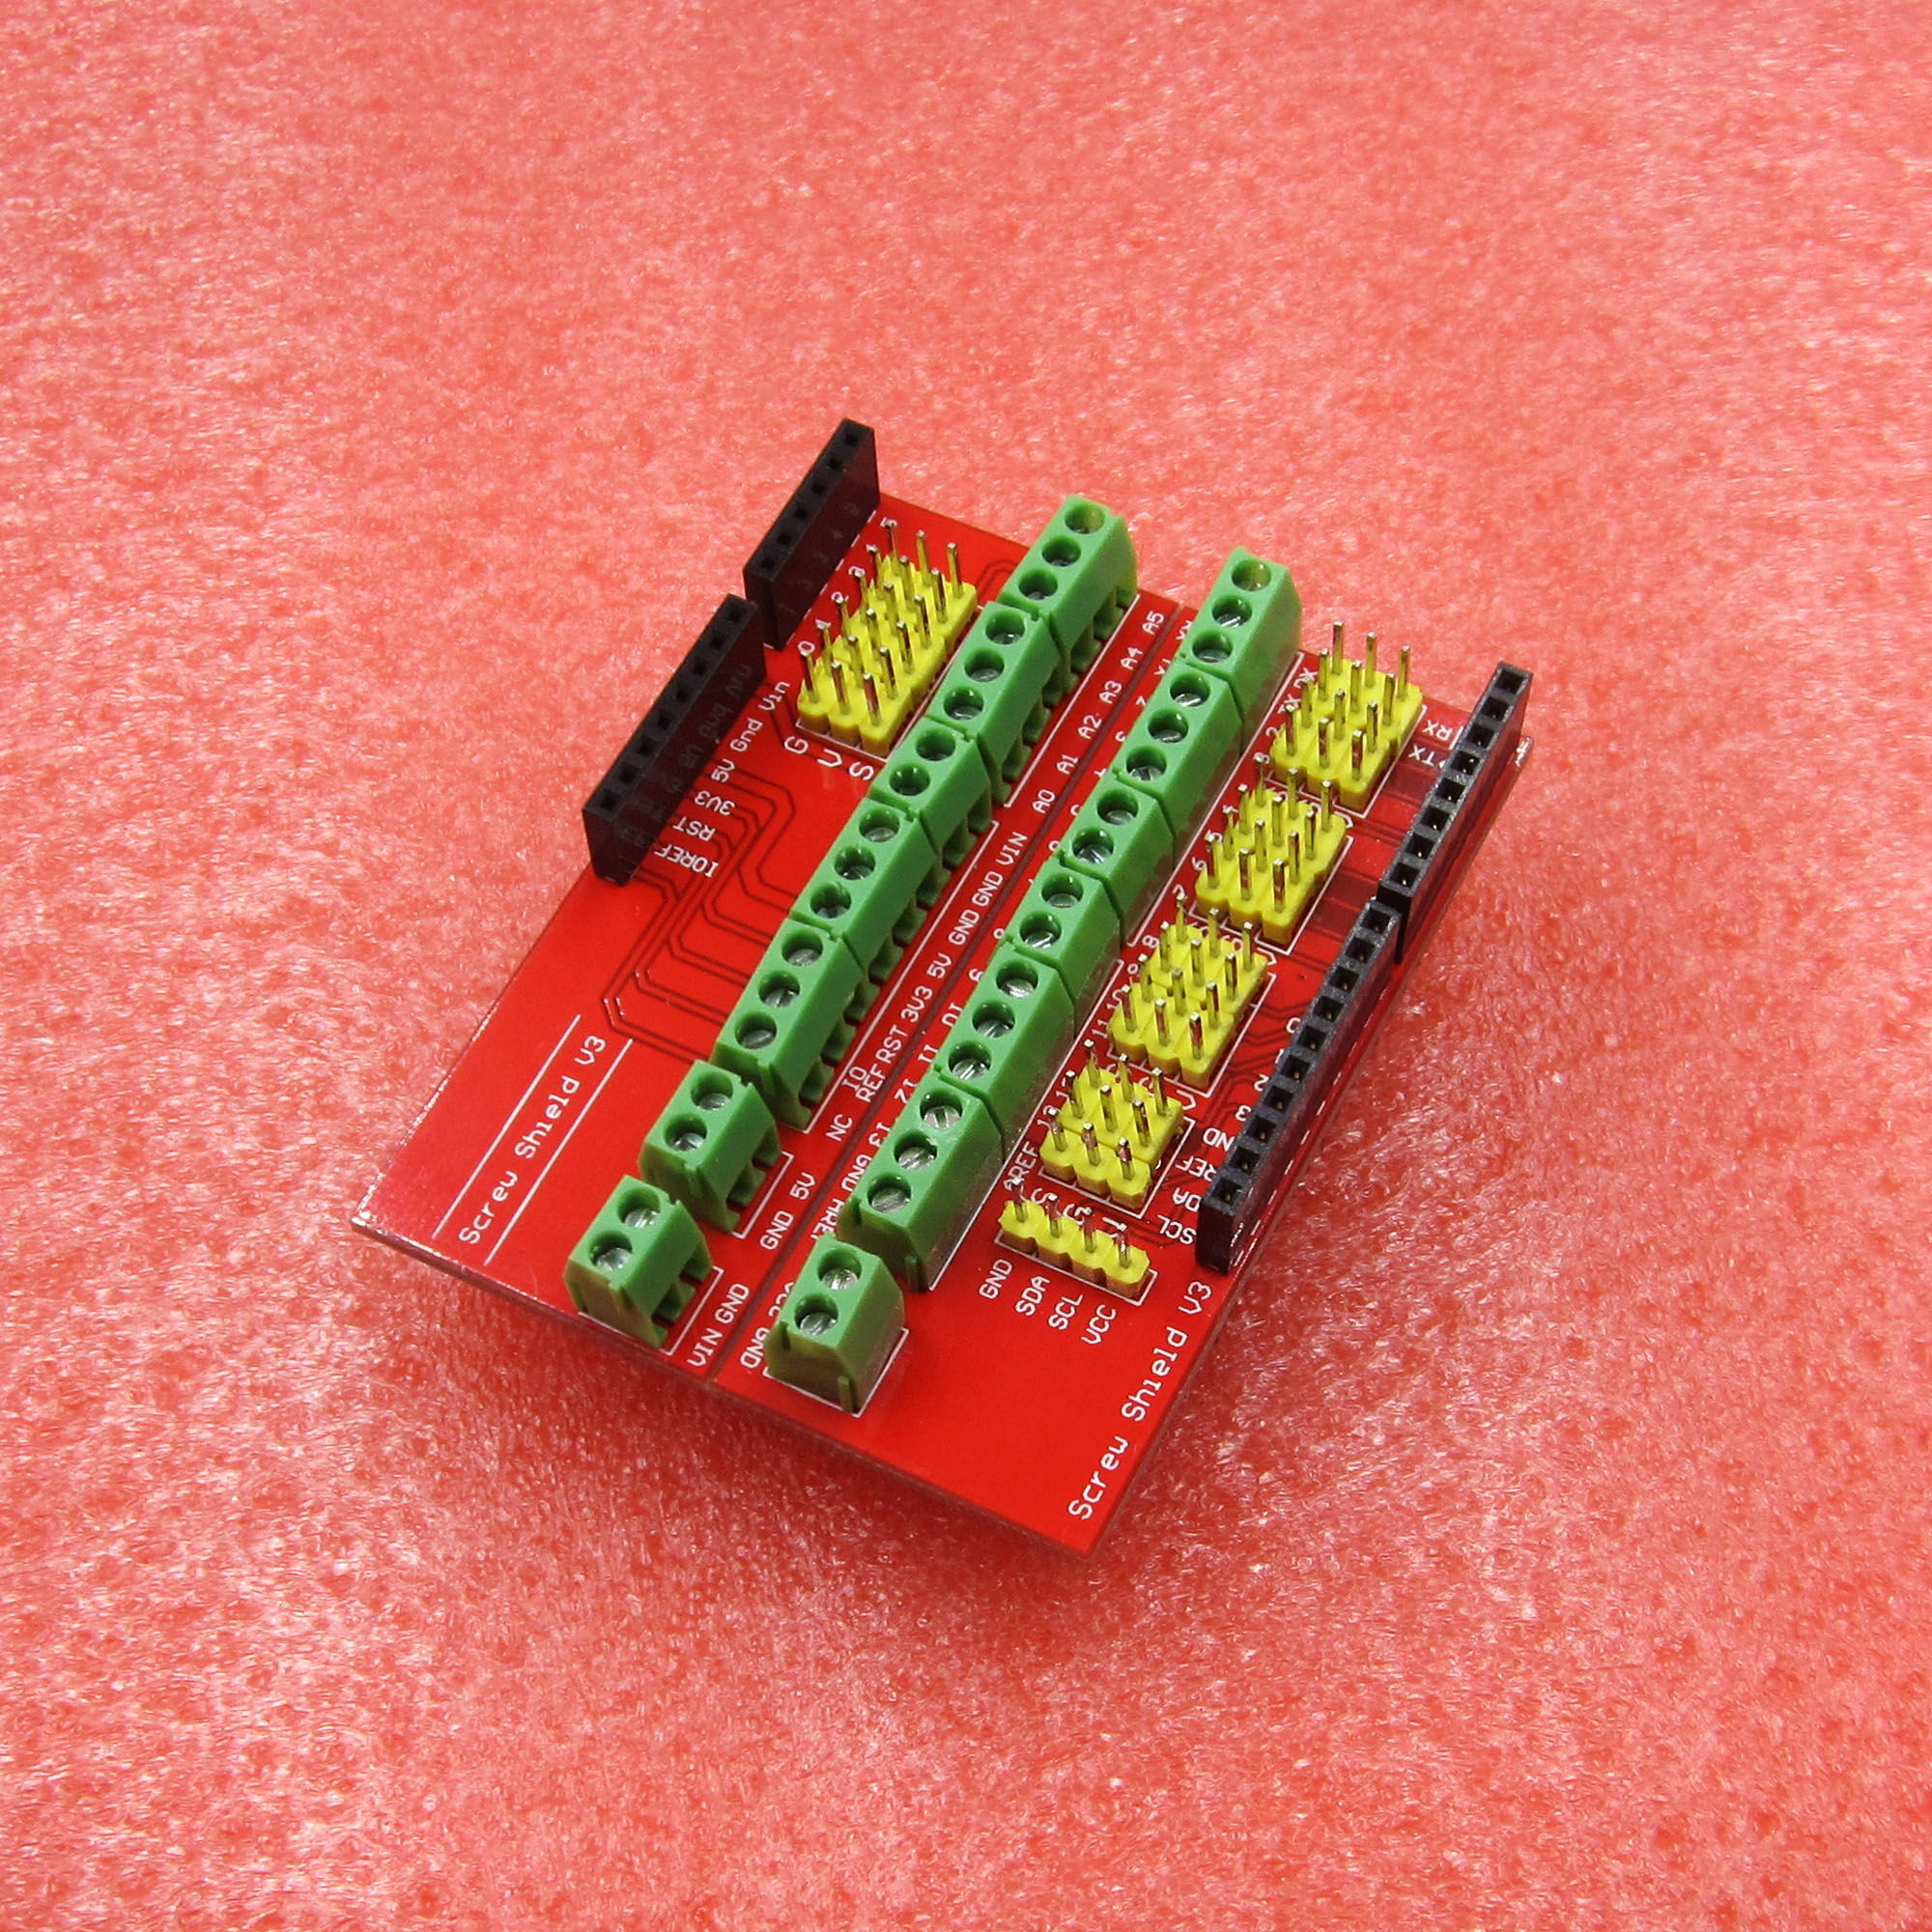 2PCS Arduino Proto Screw Shield V2 Expansion Board compatible Arduino UNO R3